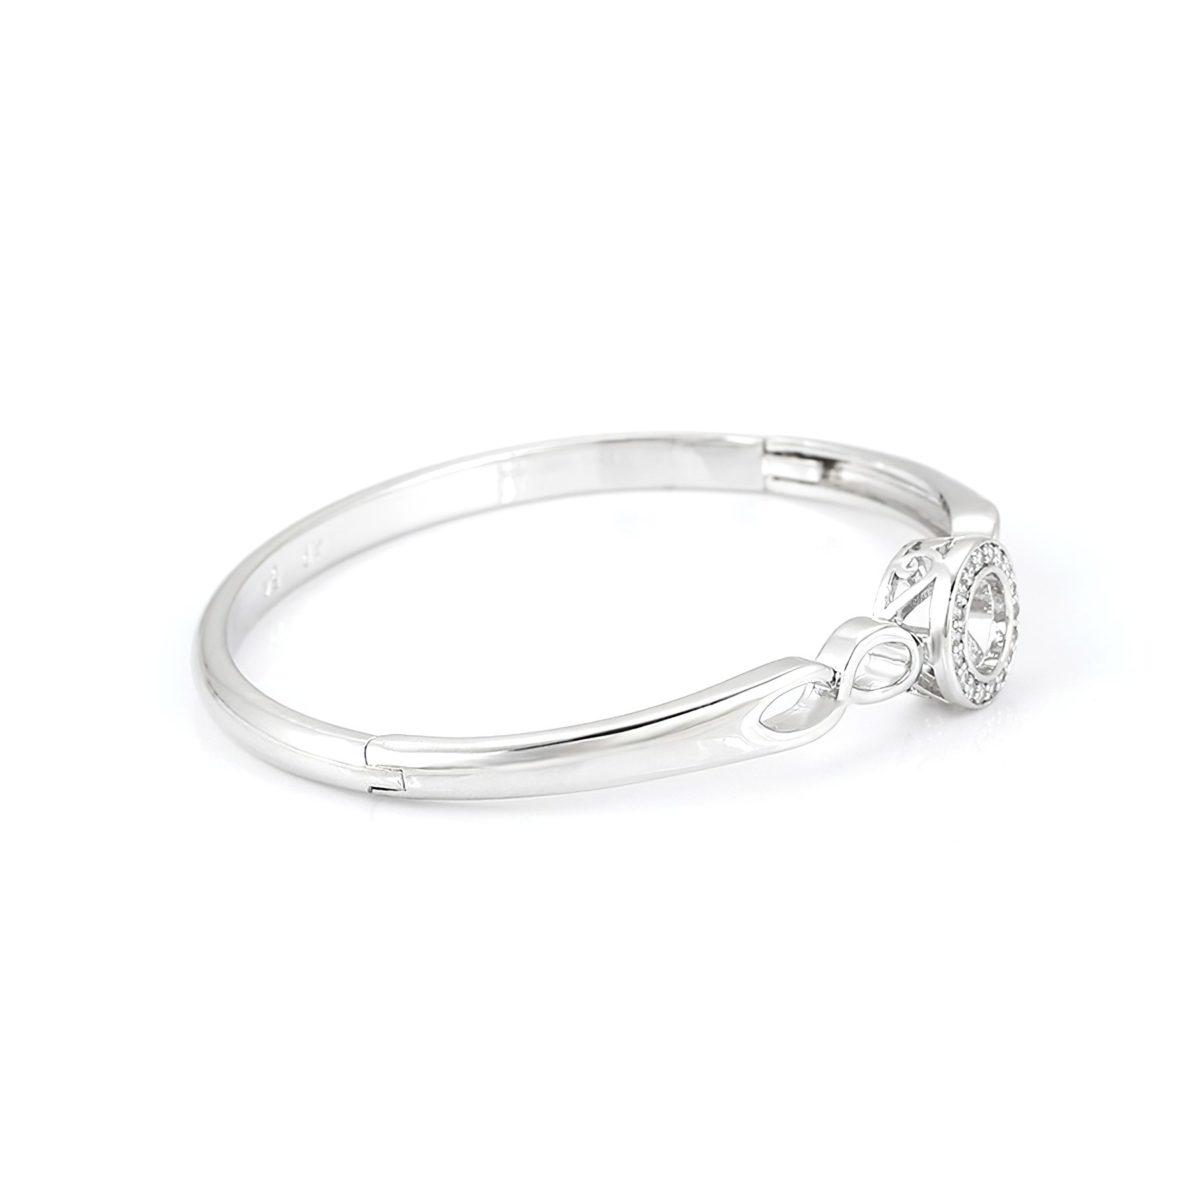 Модный браслет с кристаллами и покрытием из родия